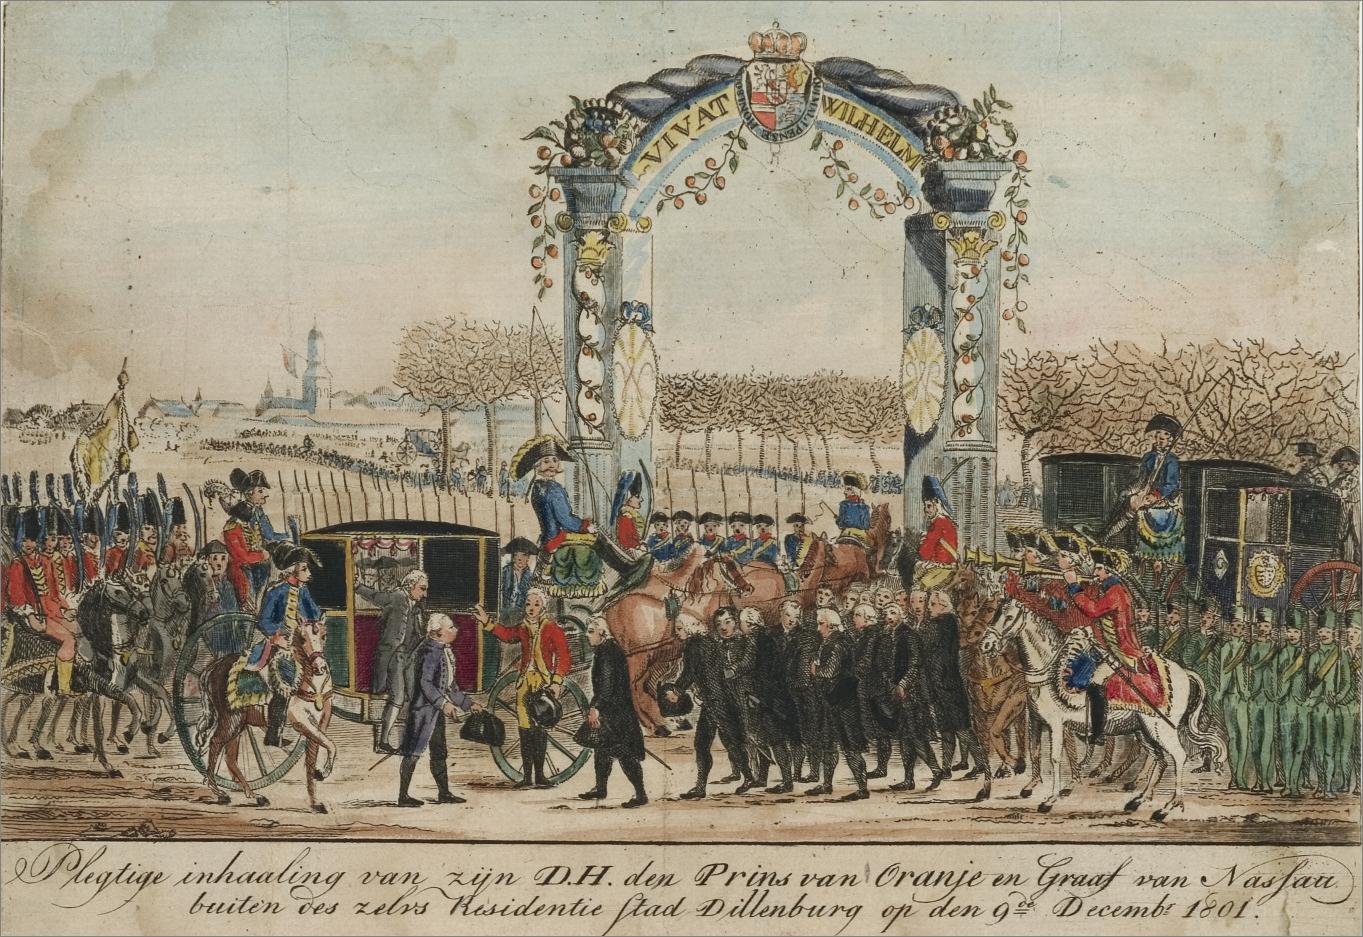 Inhuldiging van de prins van Oranje in Dillenburg op 9 december 1801. Achter op de koets is Cupido te zien, die een paar weken later in Dillenburg trouwt. Atlas van Stolk Rotterdam